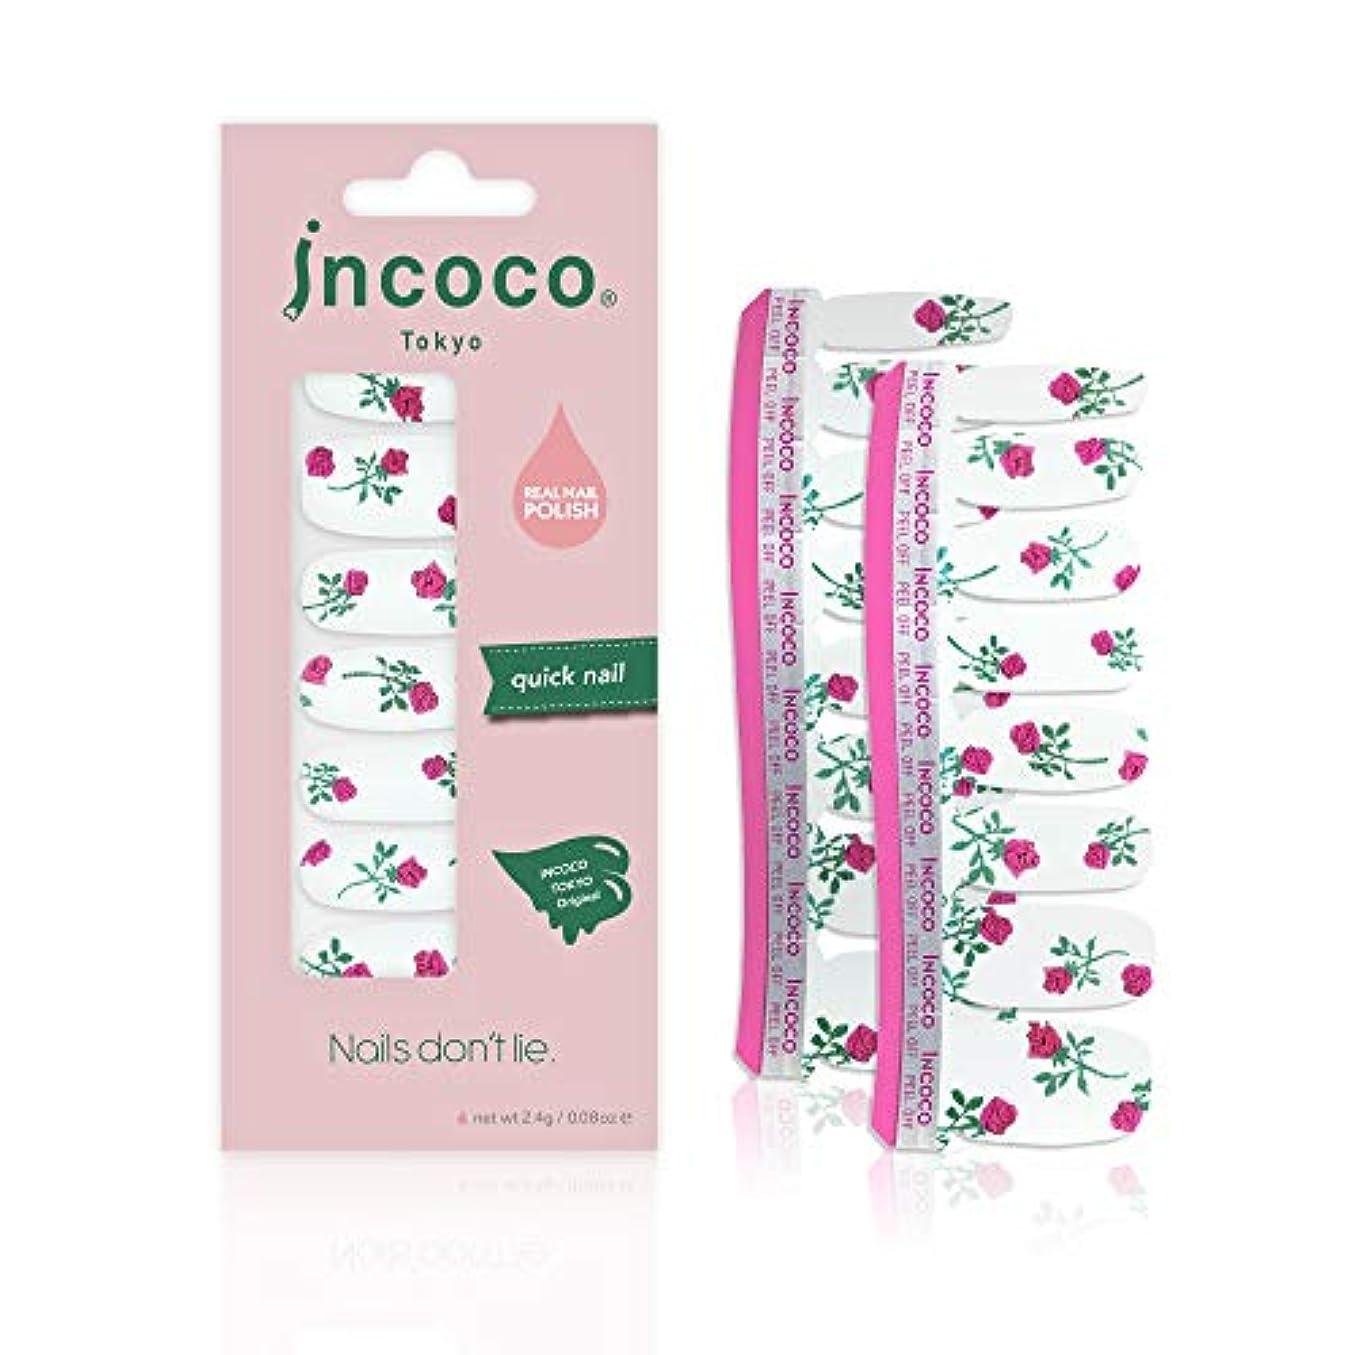 インココ トーキョー 「100 デイズ」 (100 Days)